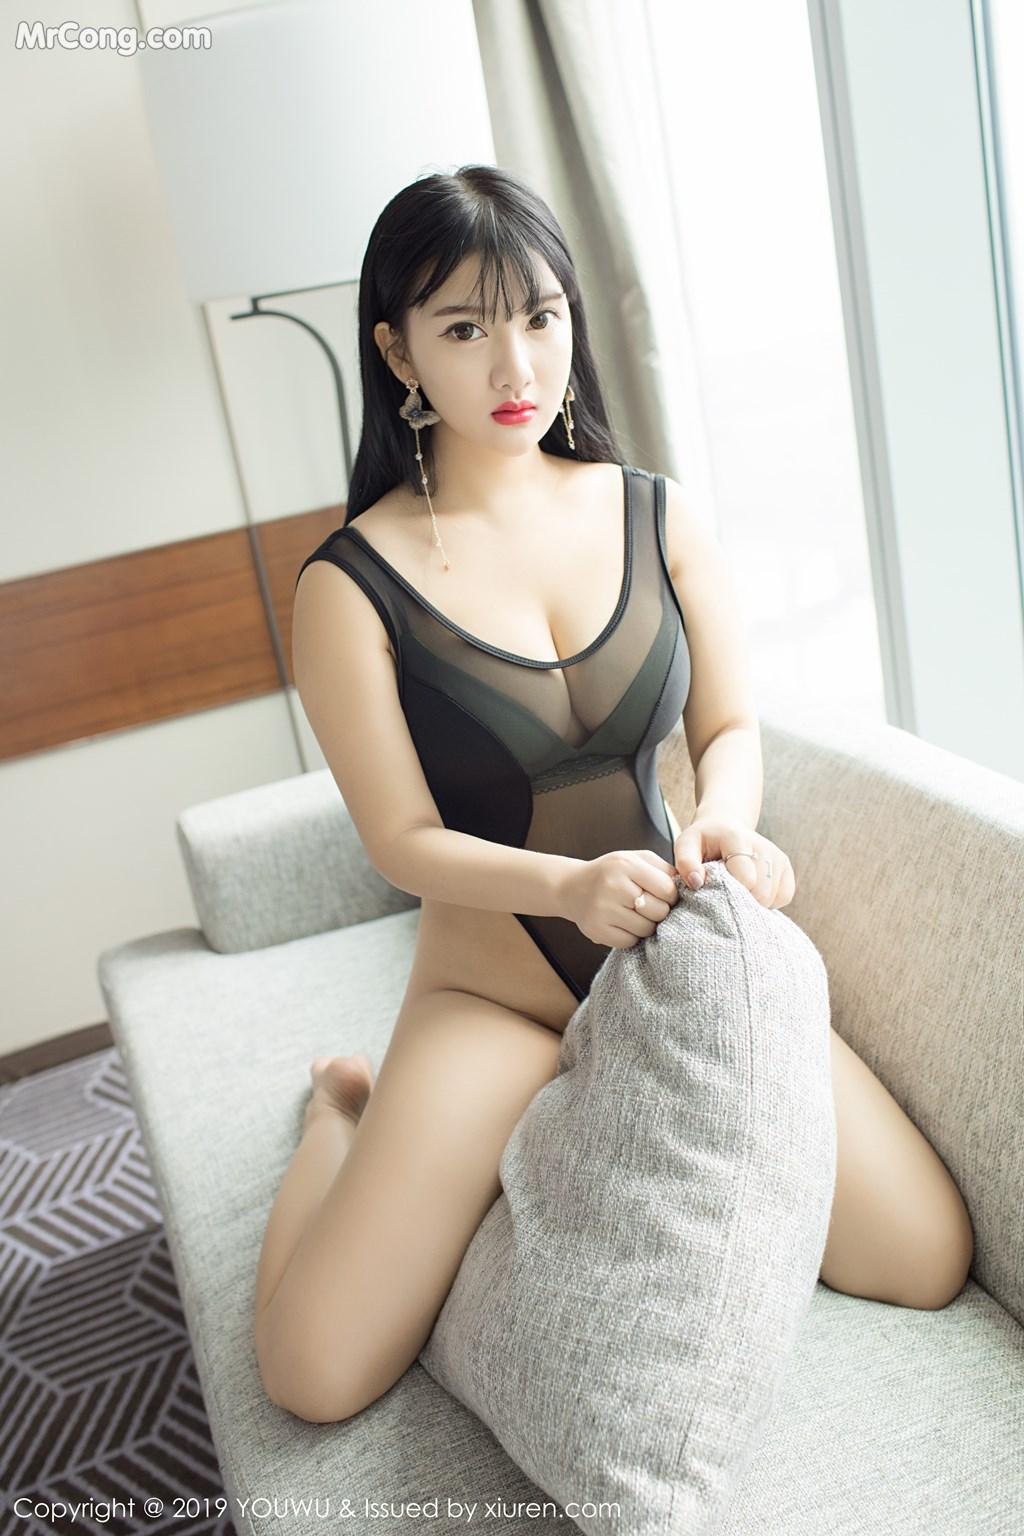 Image YouWu-Vol.138-Xiao-You-Nai-MrCong.com-006 in post YouWu Vol.138: Xiao You Nai (小尤奈) (60 ảnh)